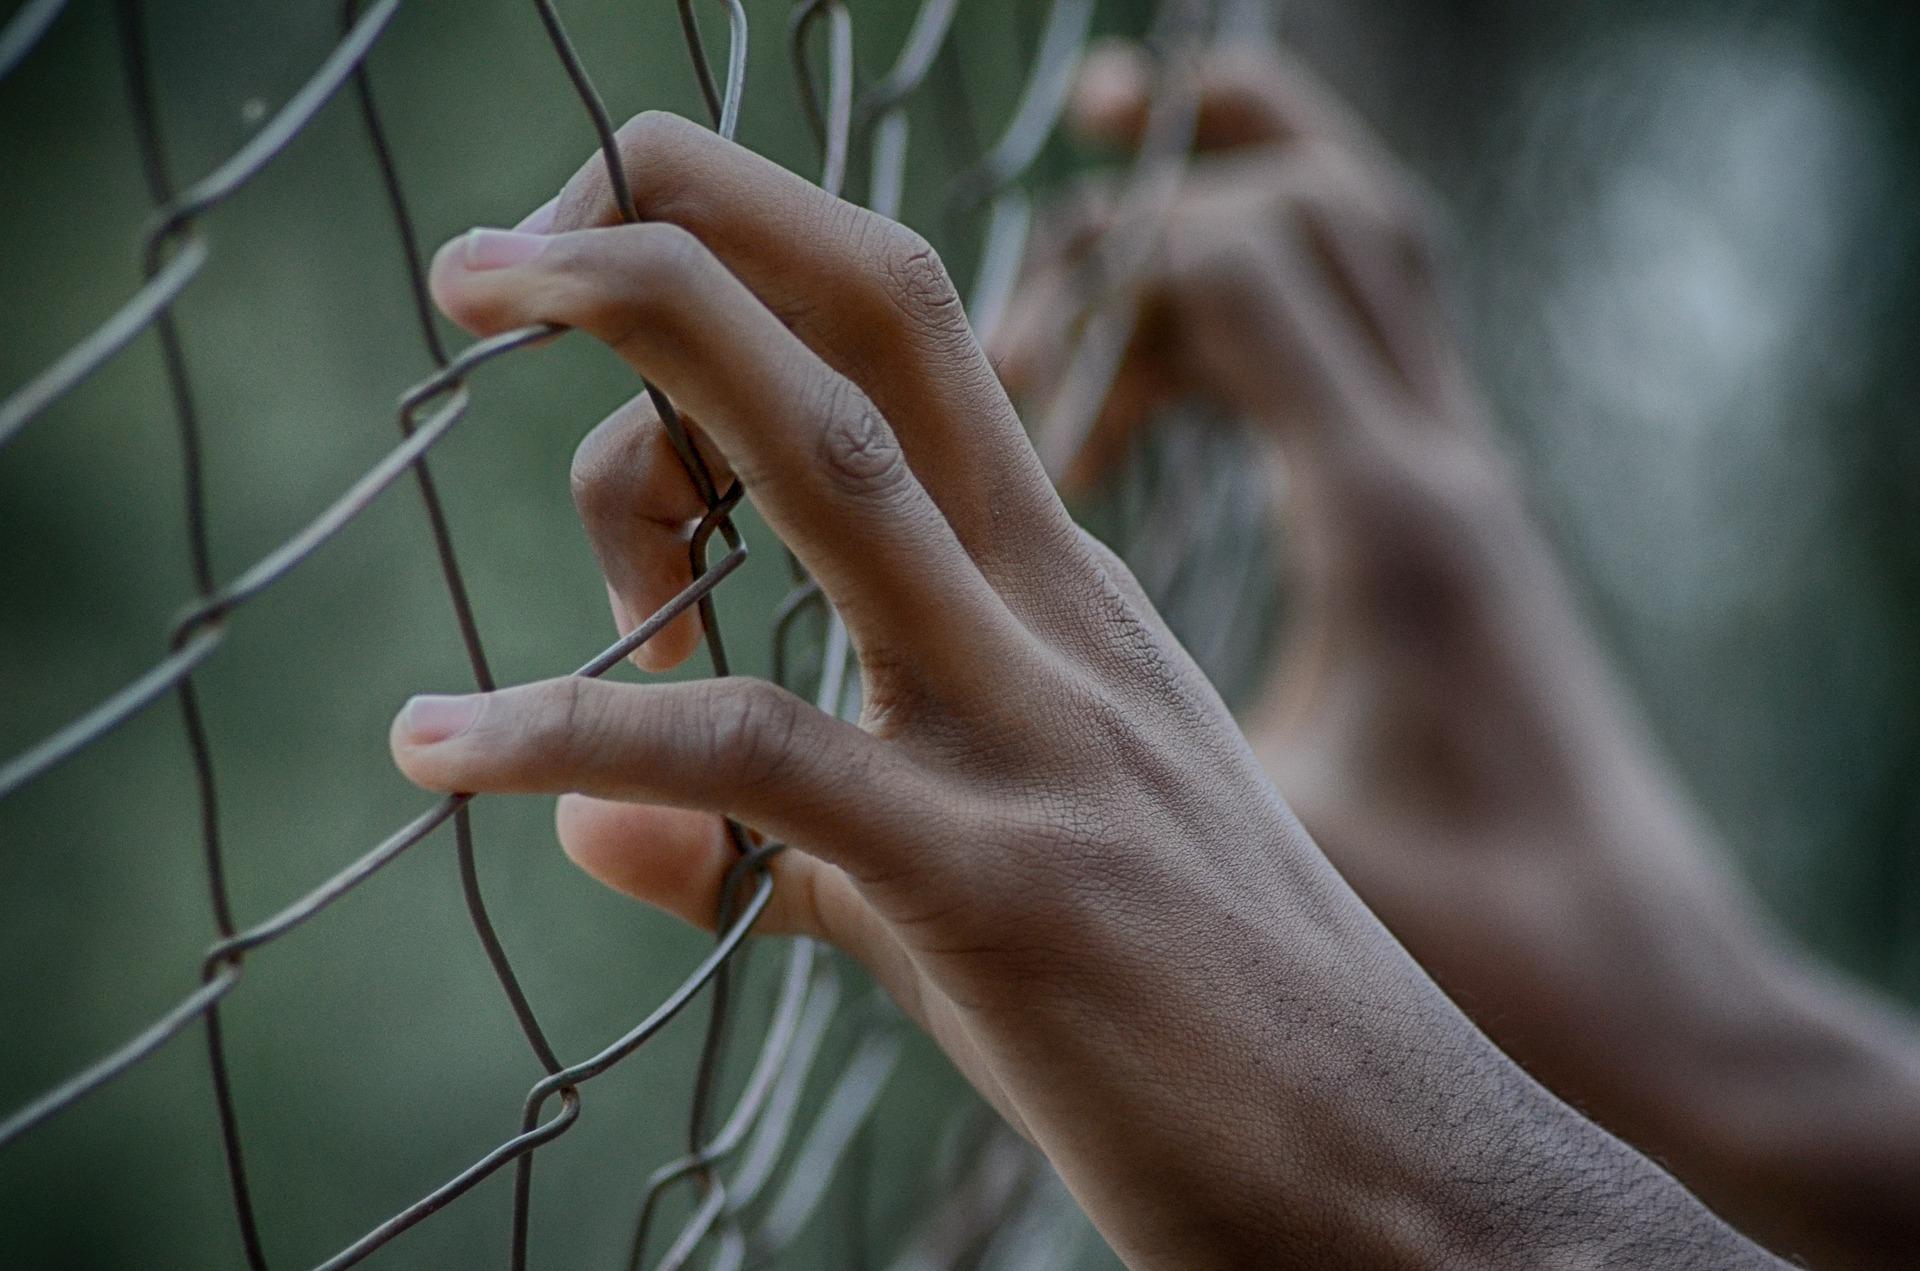 Maioridade penal: o que é, redação e mais!